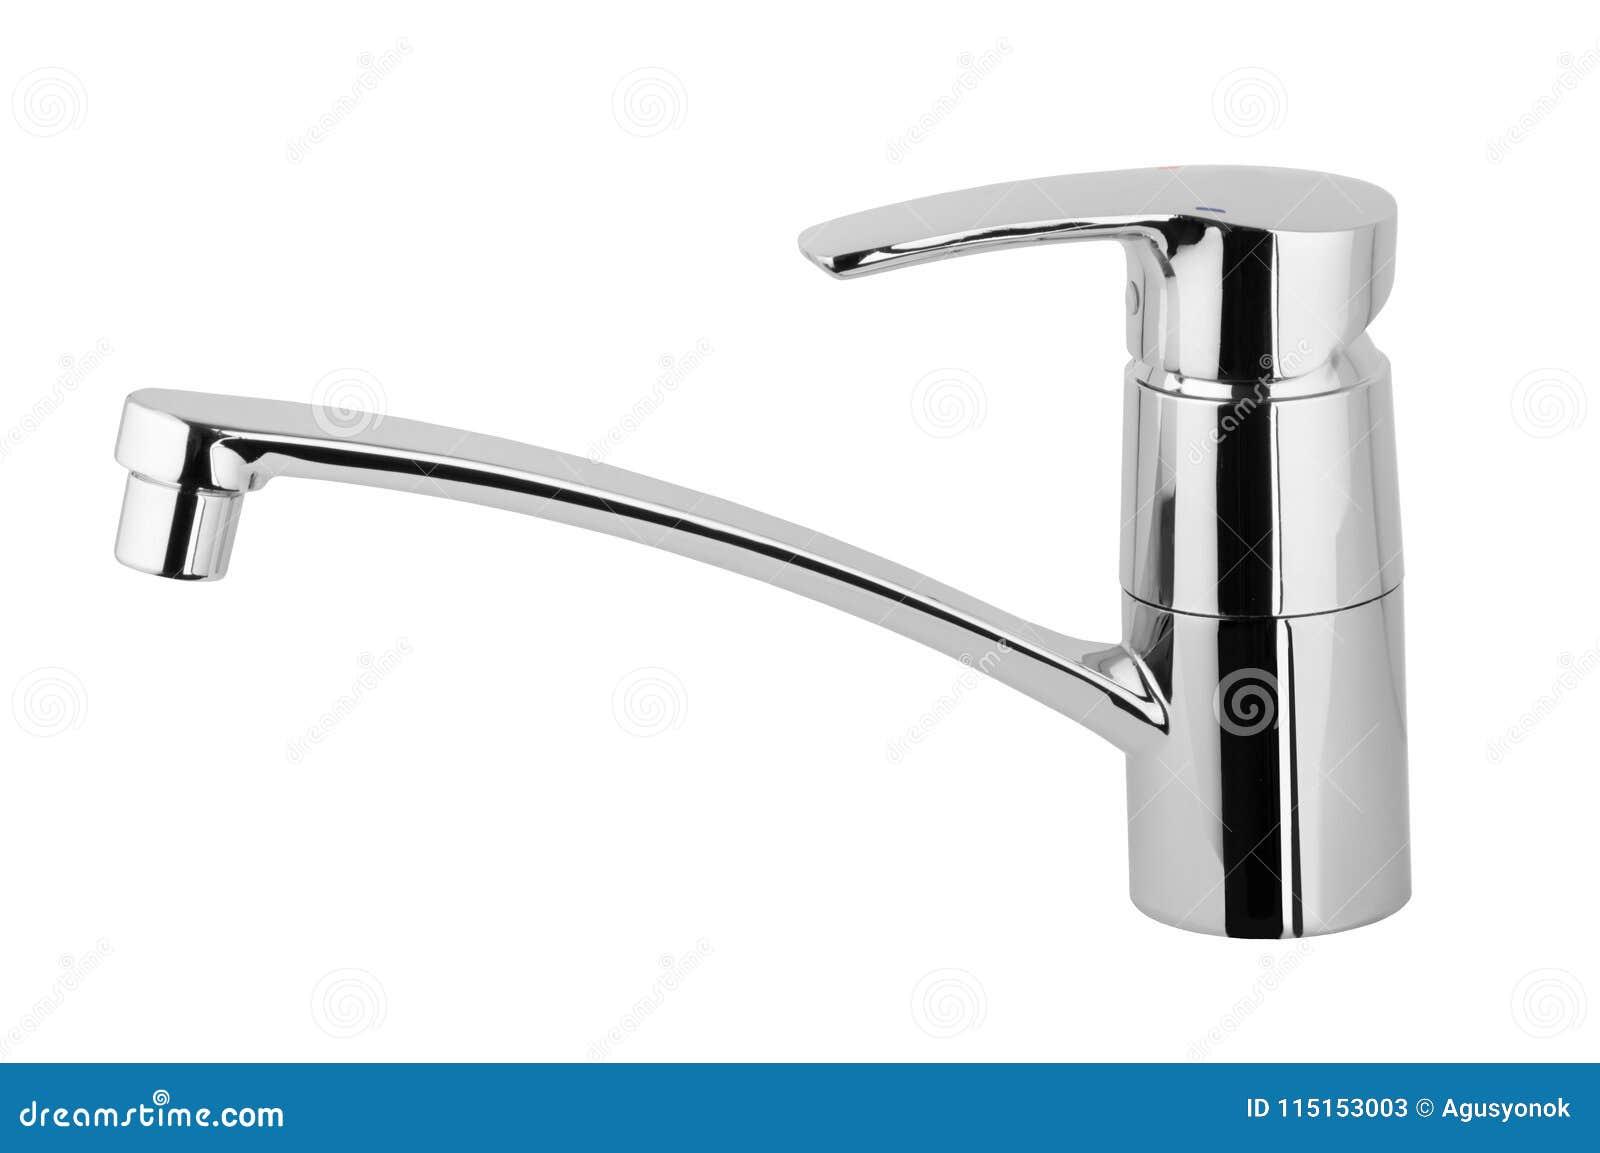 Gallery of rubinetti cucina consigli cucine miscelatori per